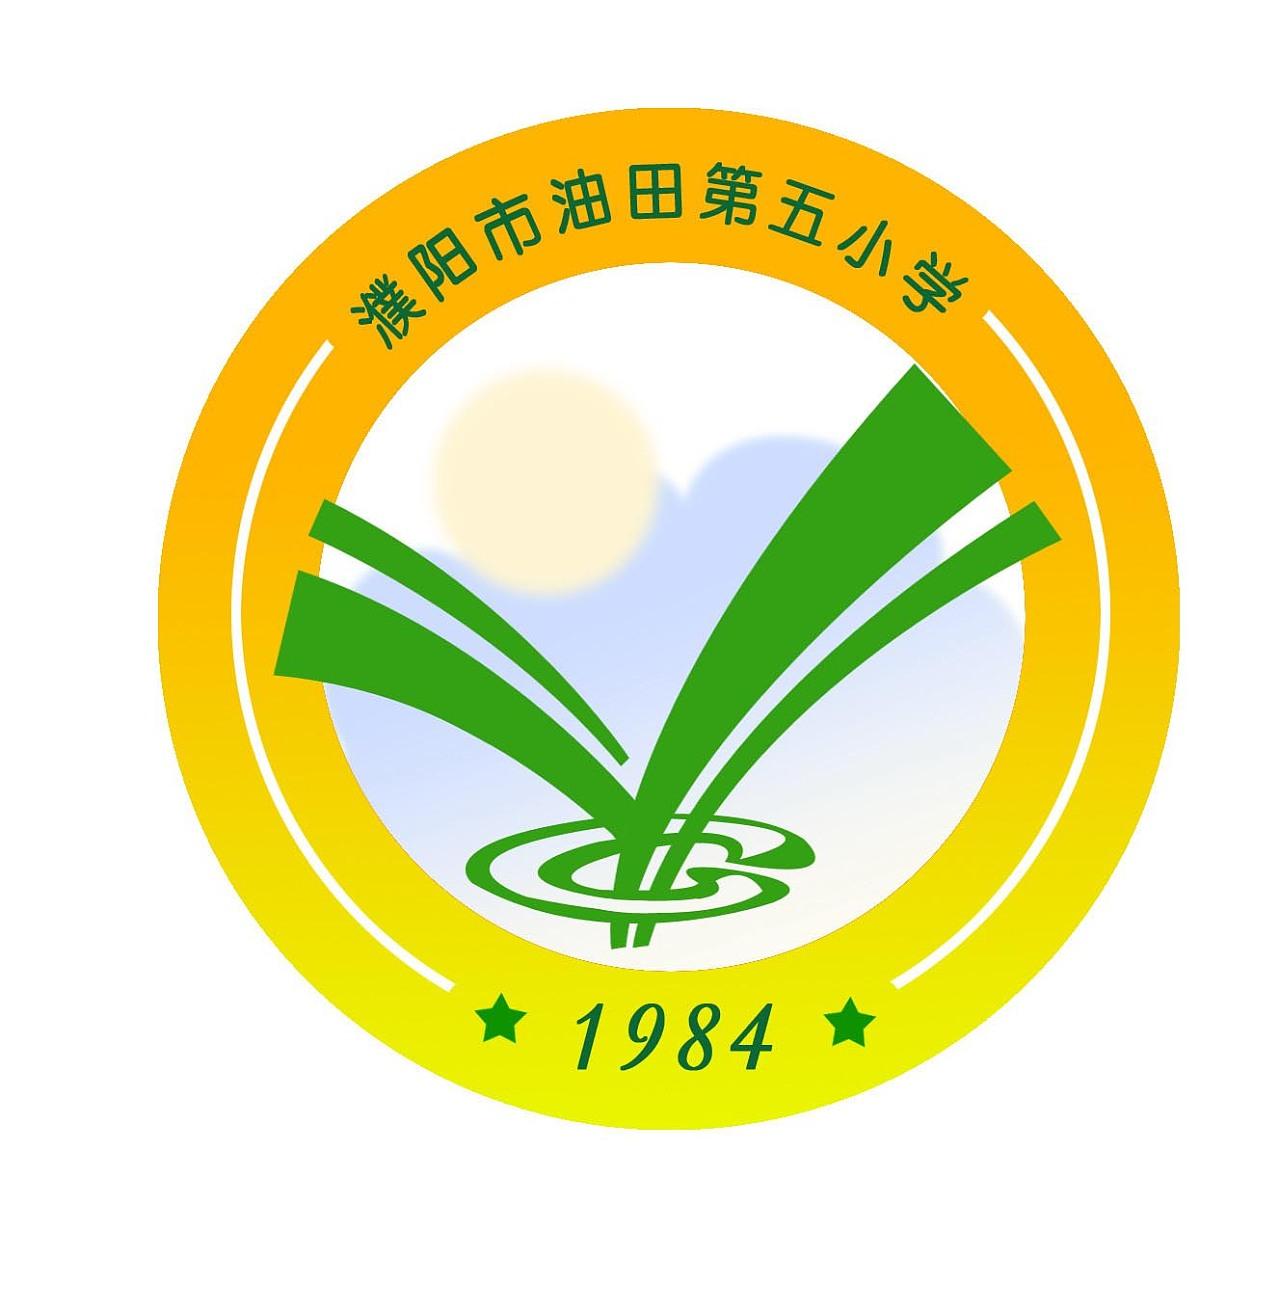 主题是一株绿色小草,由字母:gy变形而来,是因为学校原称:中原油田供应